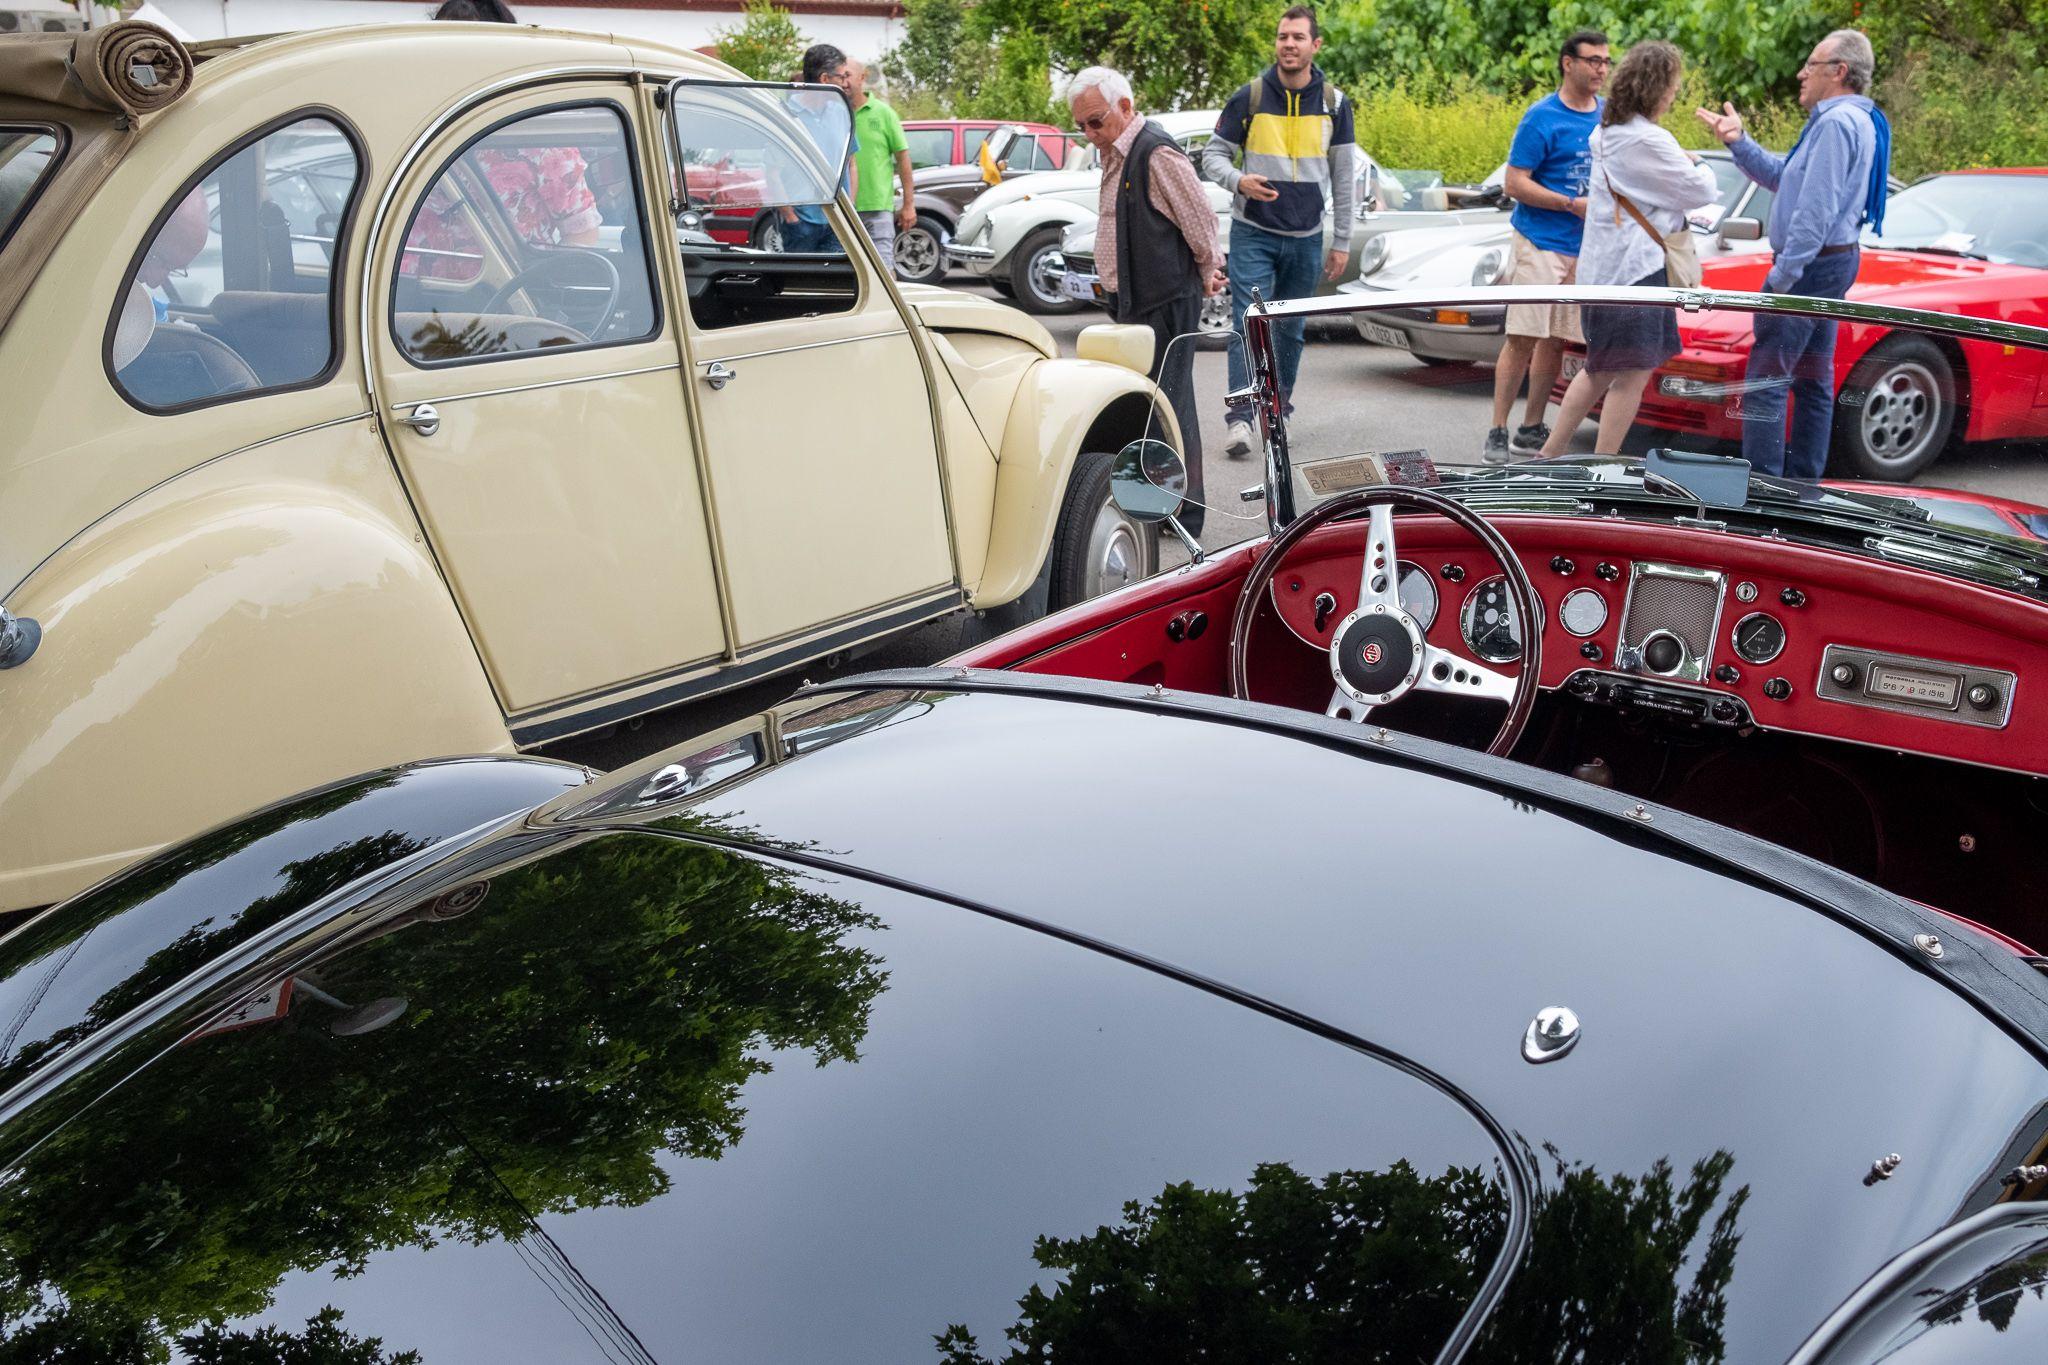 8è Ral·li Mas Gener-Monestir de Sant Cugat, cotxes i motos antics i clàssics. FOTO: Ale G.